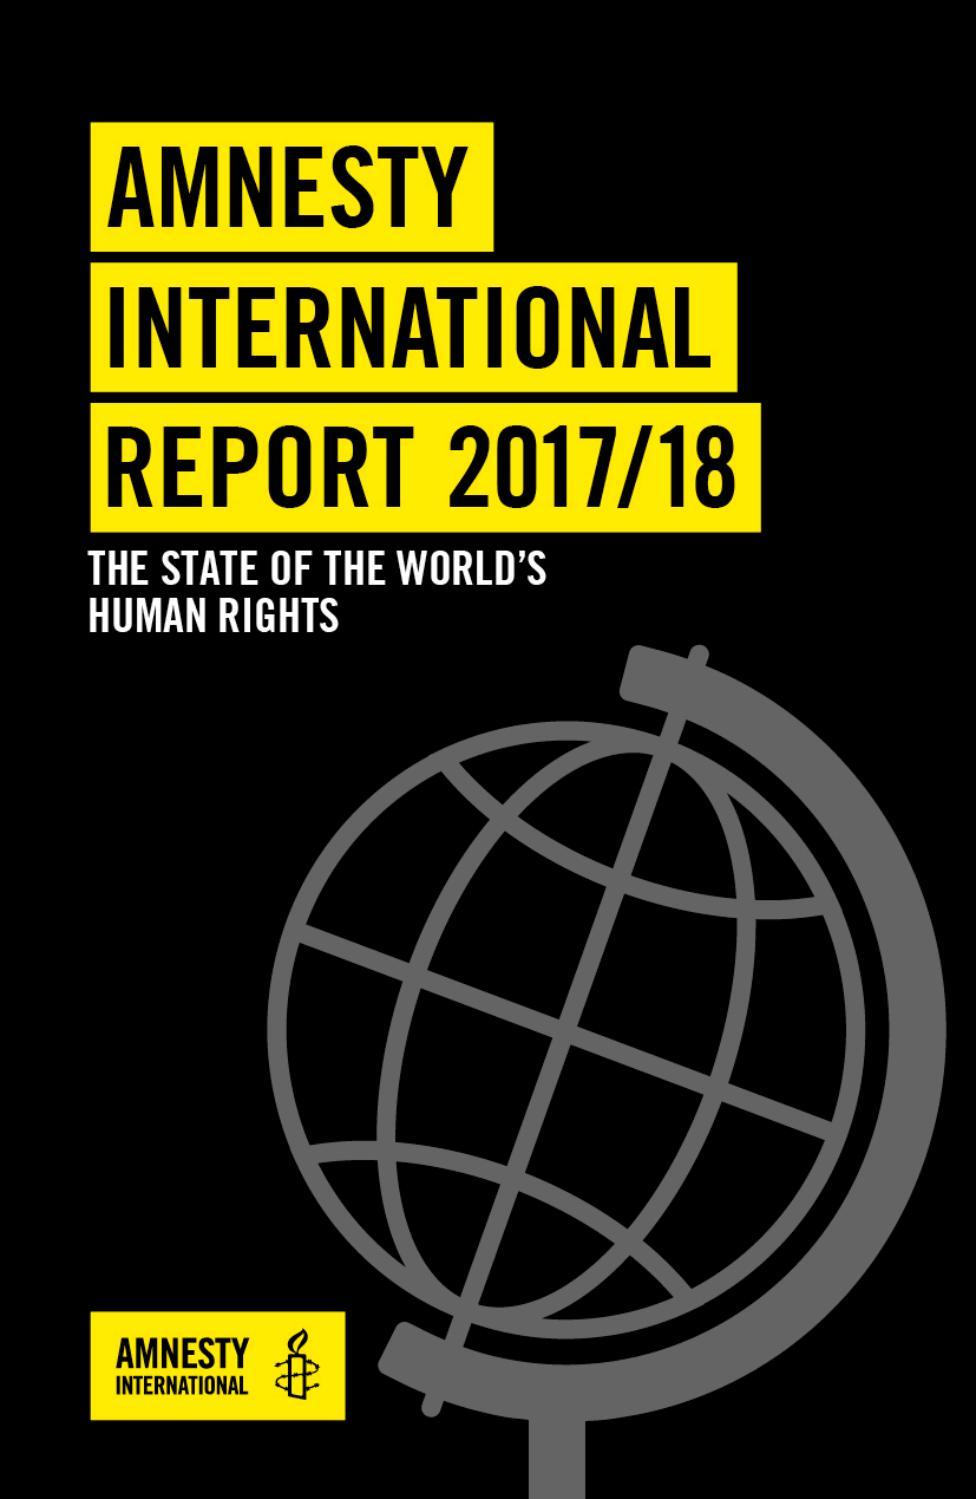 Alonso Nader Porn 2017 18amnesty international resport-2017/2018mohamed